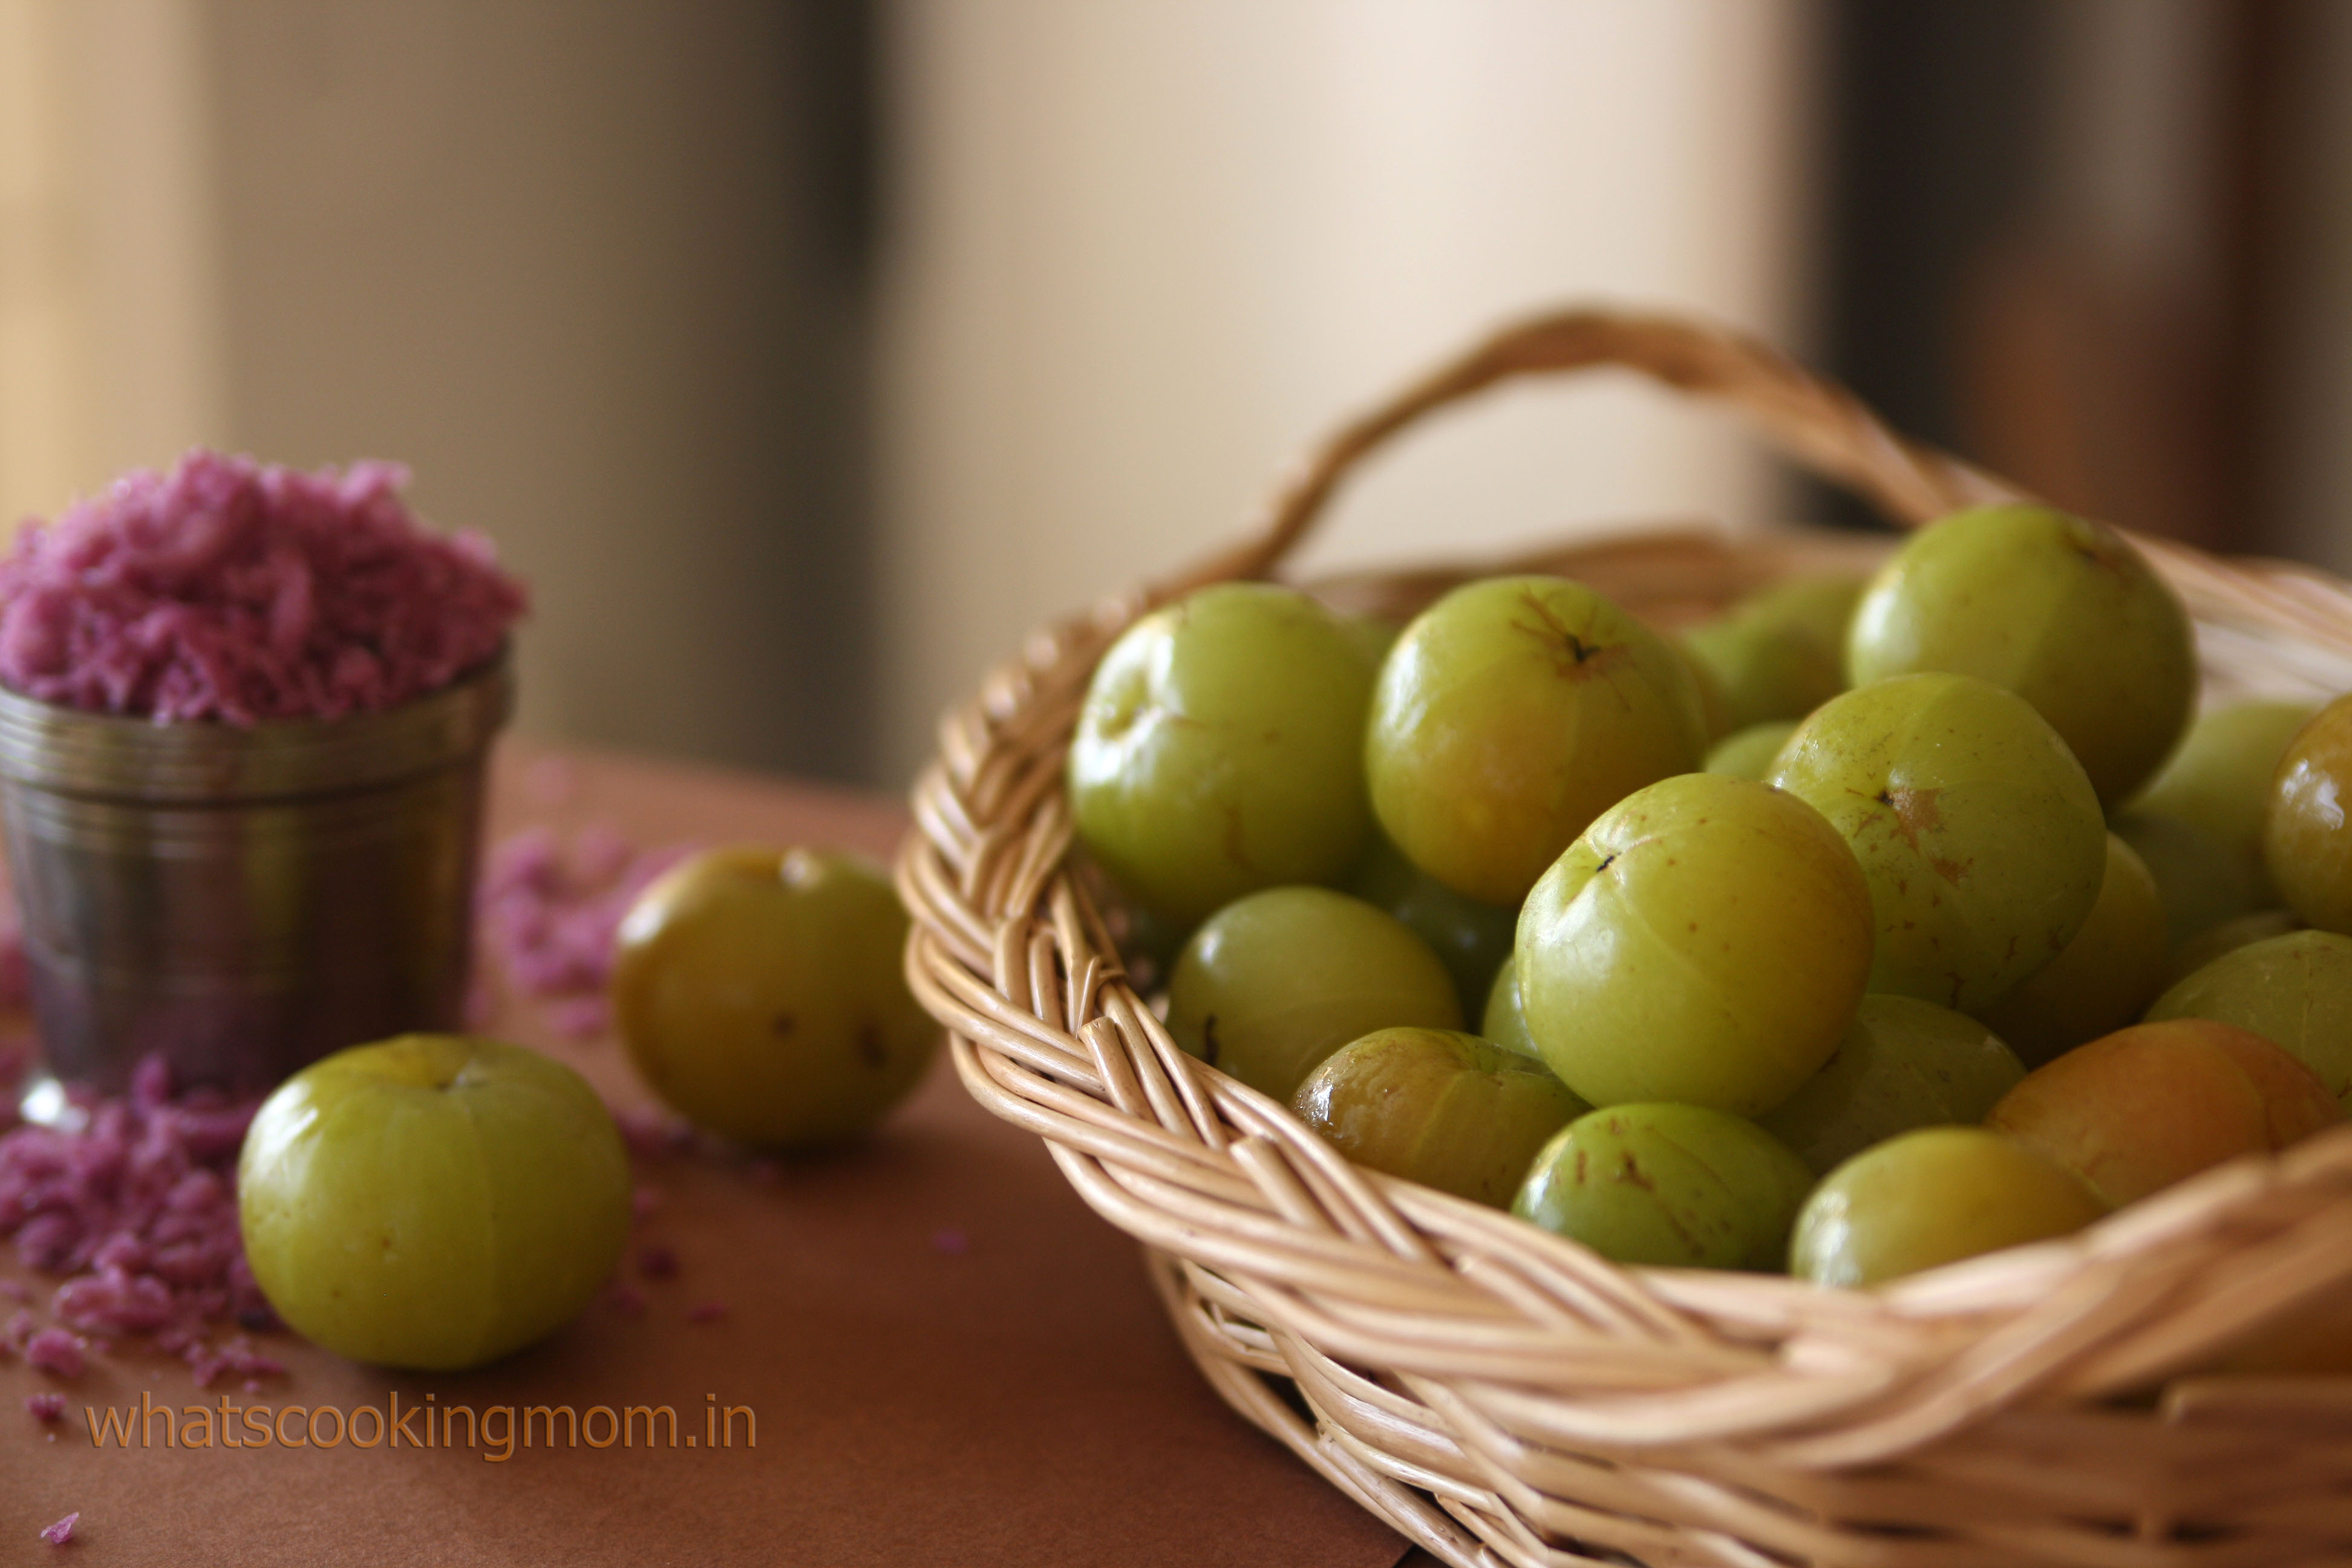 Amla or Indian Gooseberry